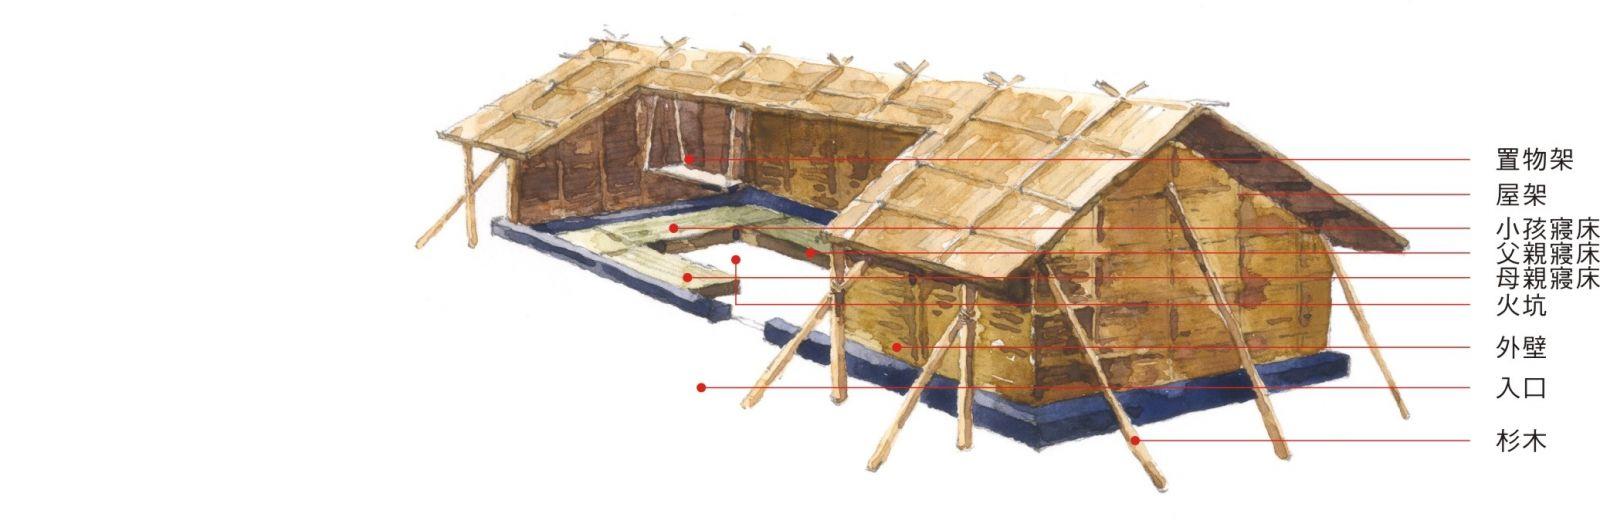 太魯閣族建築空間佈局圖